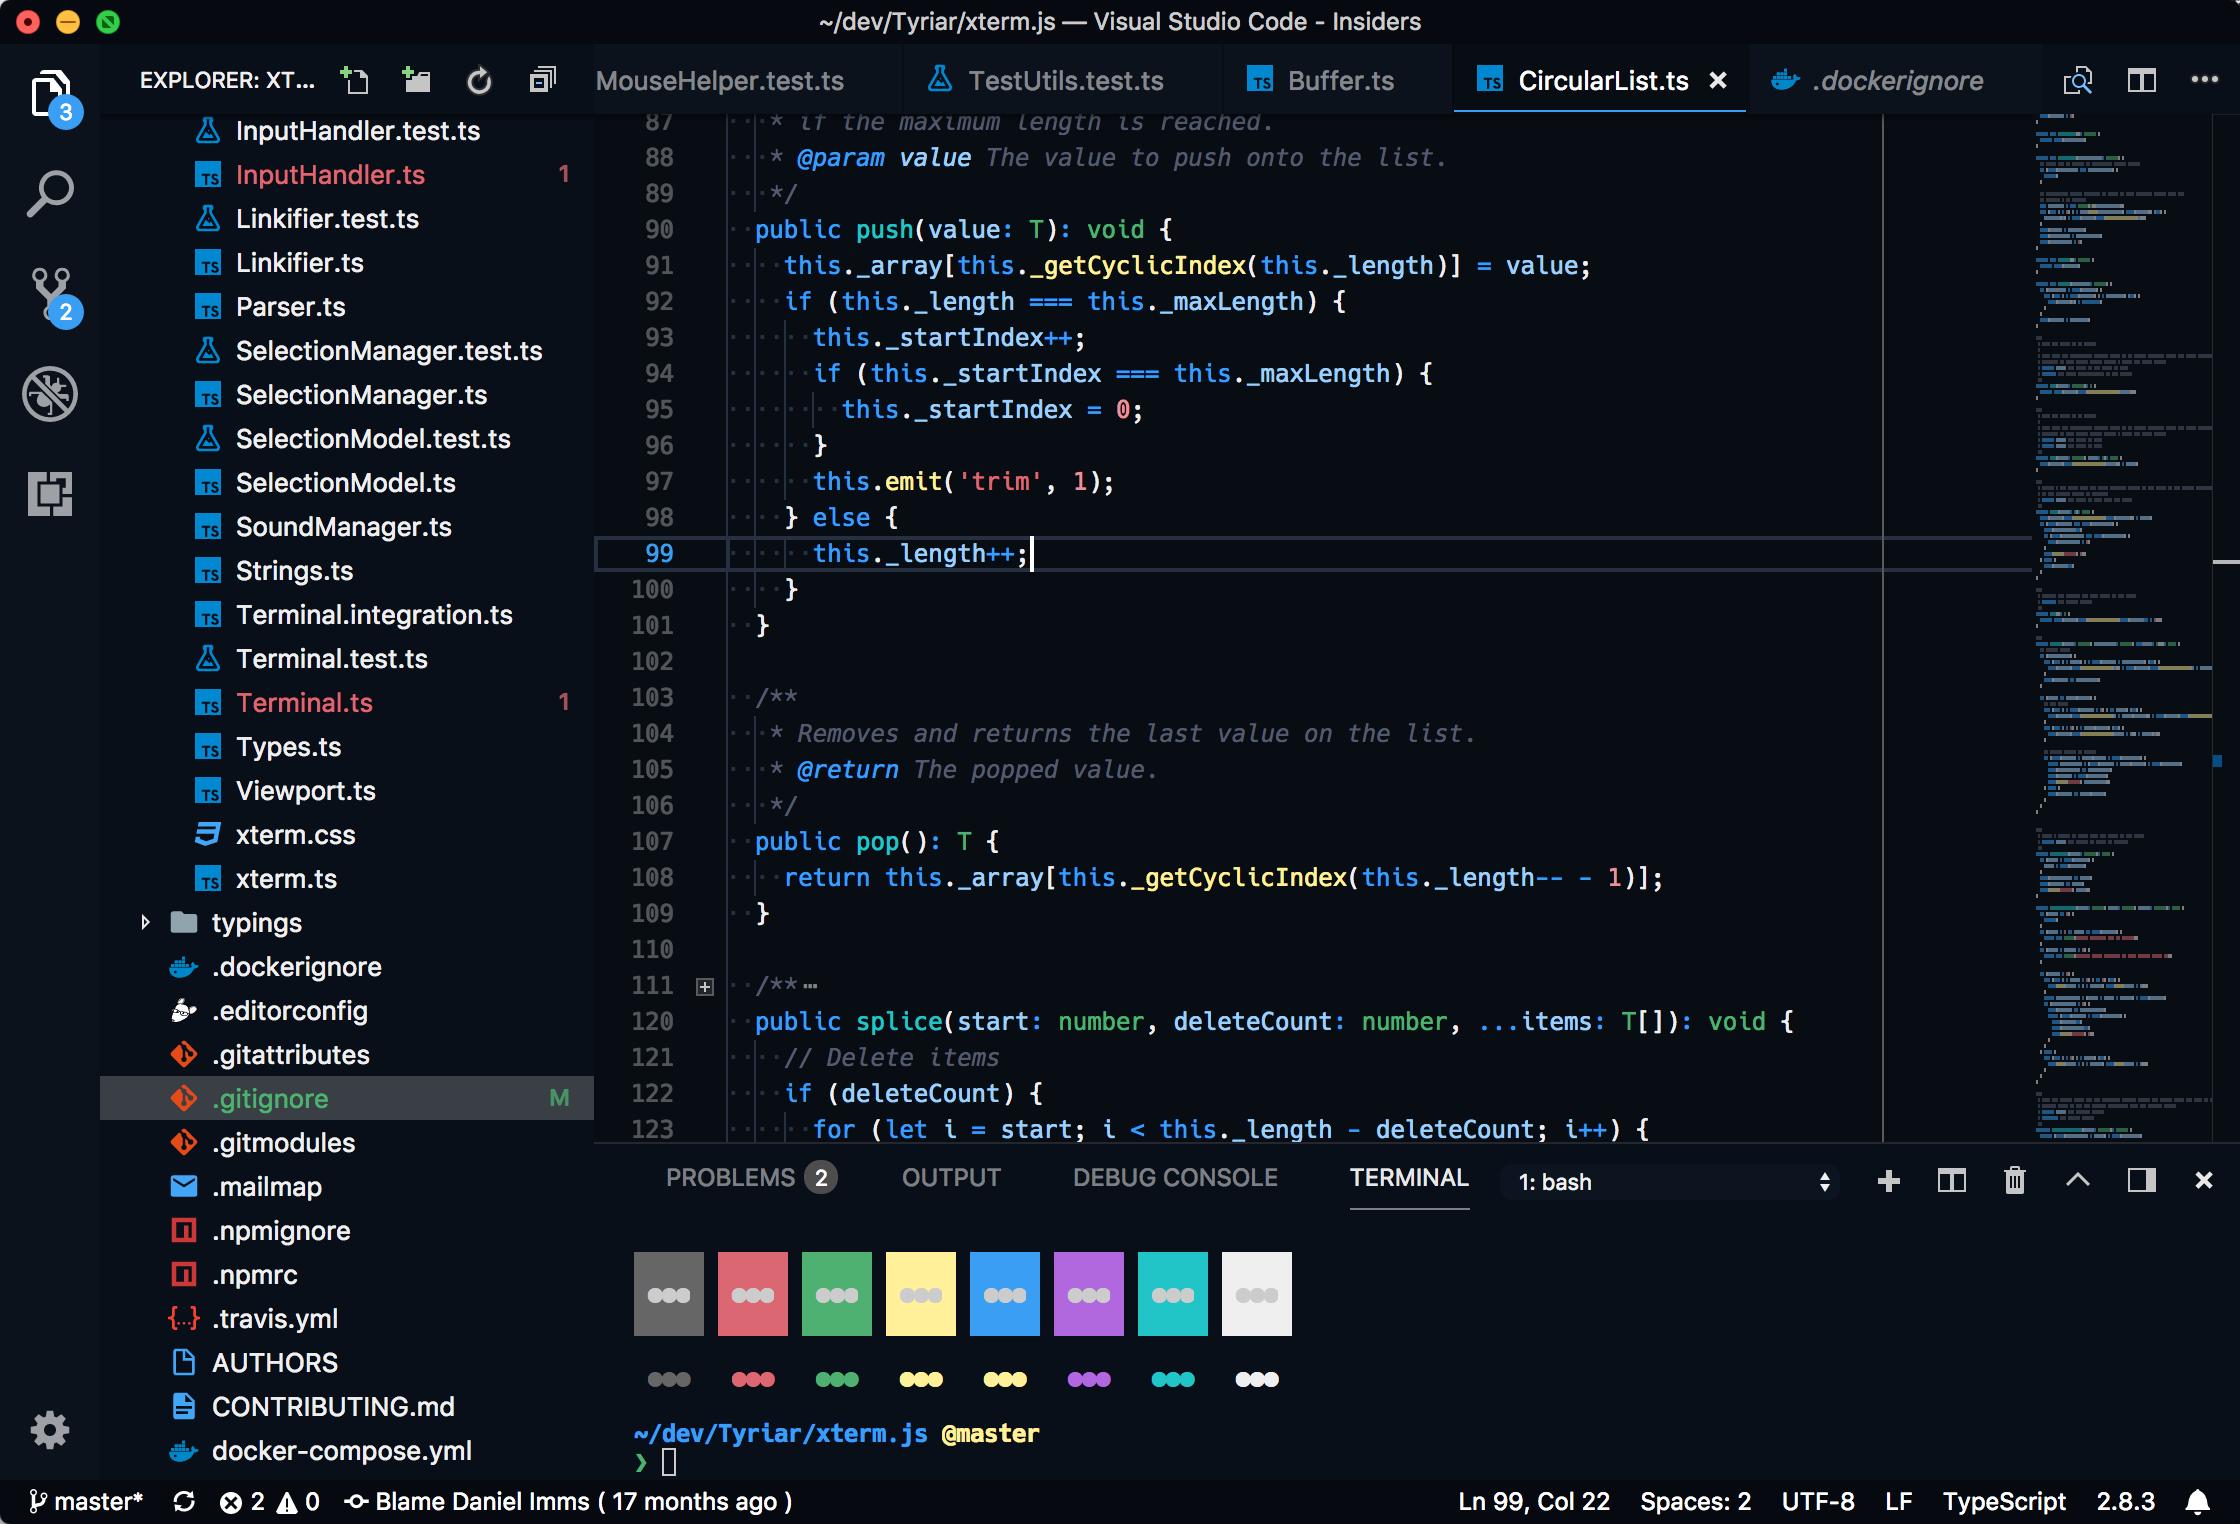 Visual Studio Code Sapphire (Dim) theme preview